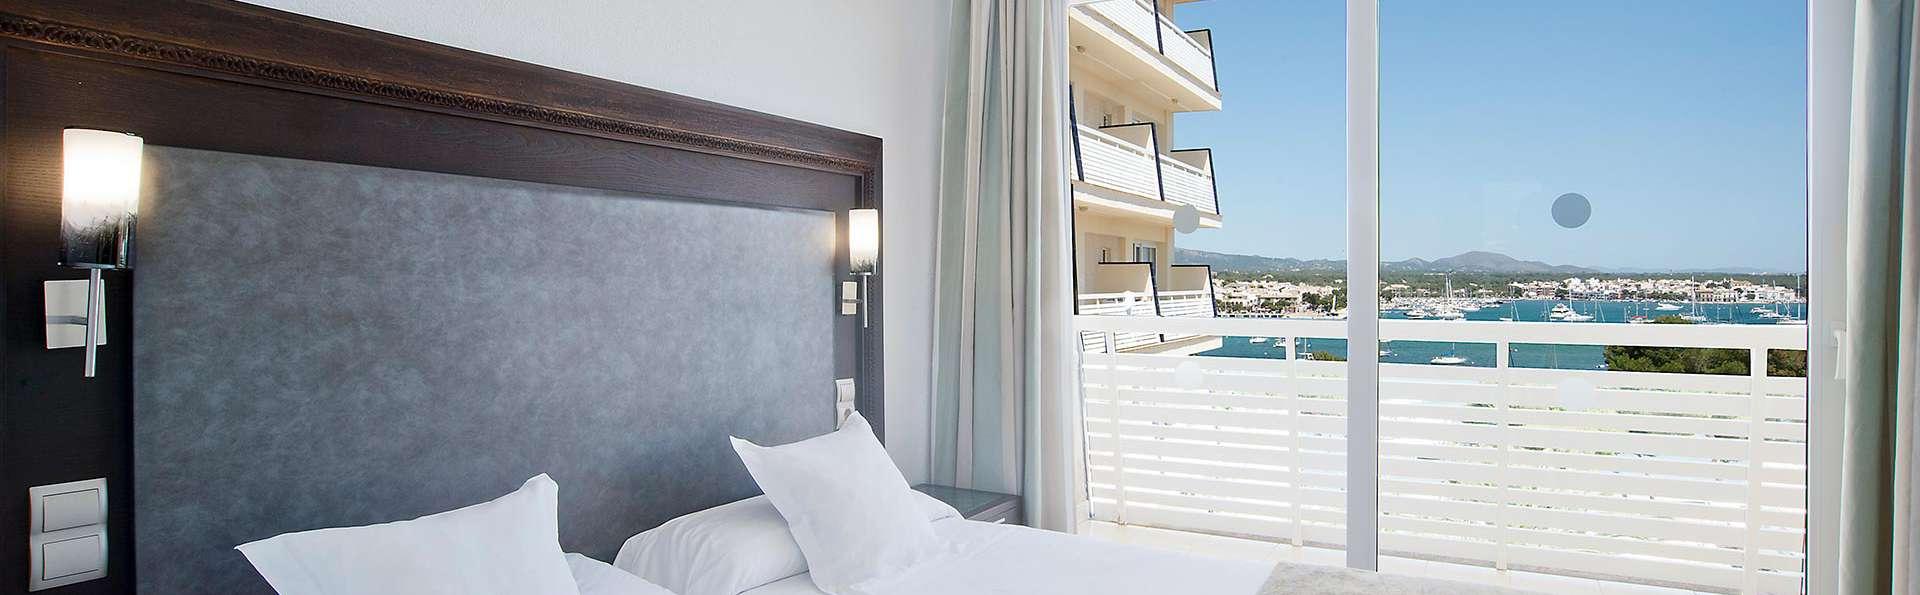 Hotel Vistamar by Pierre & Vacances (inactif) - EDIT_NEW_ROOM_01.jpg